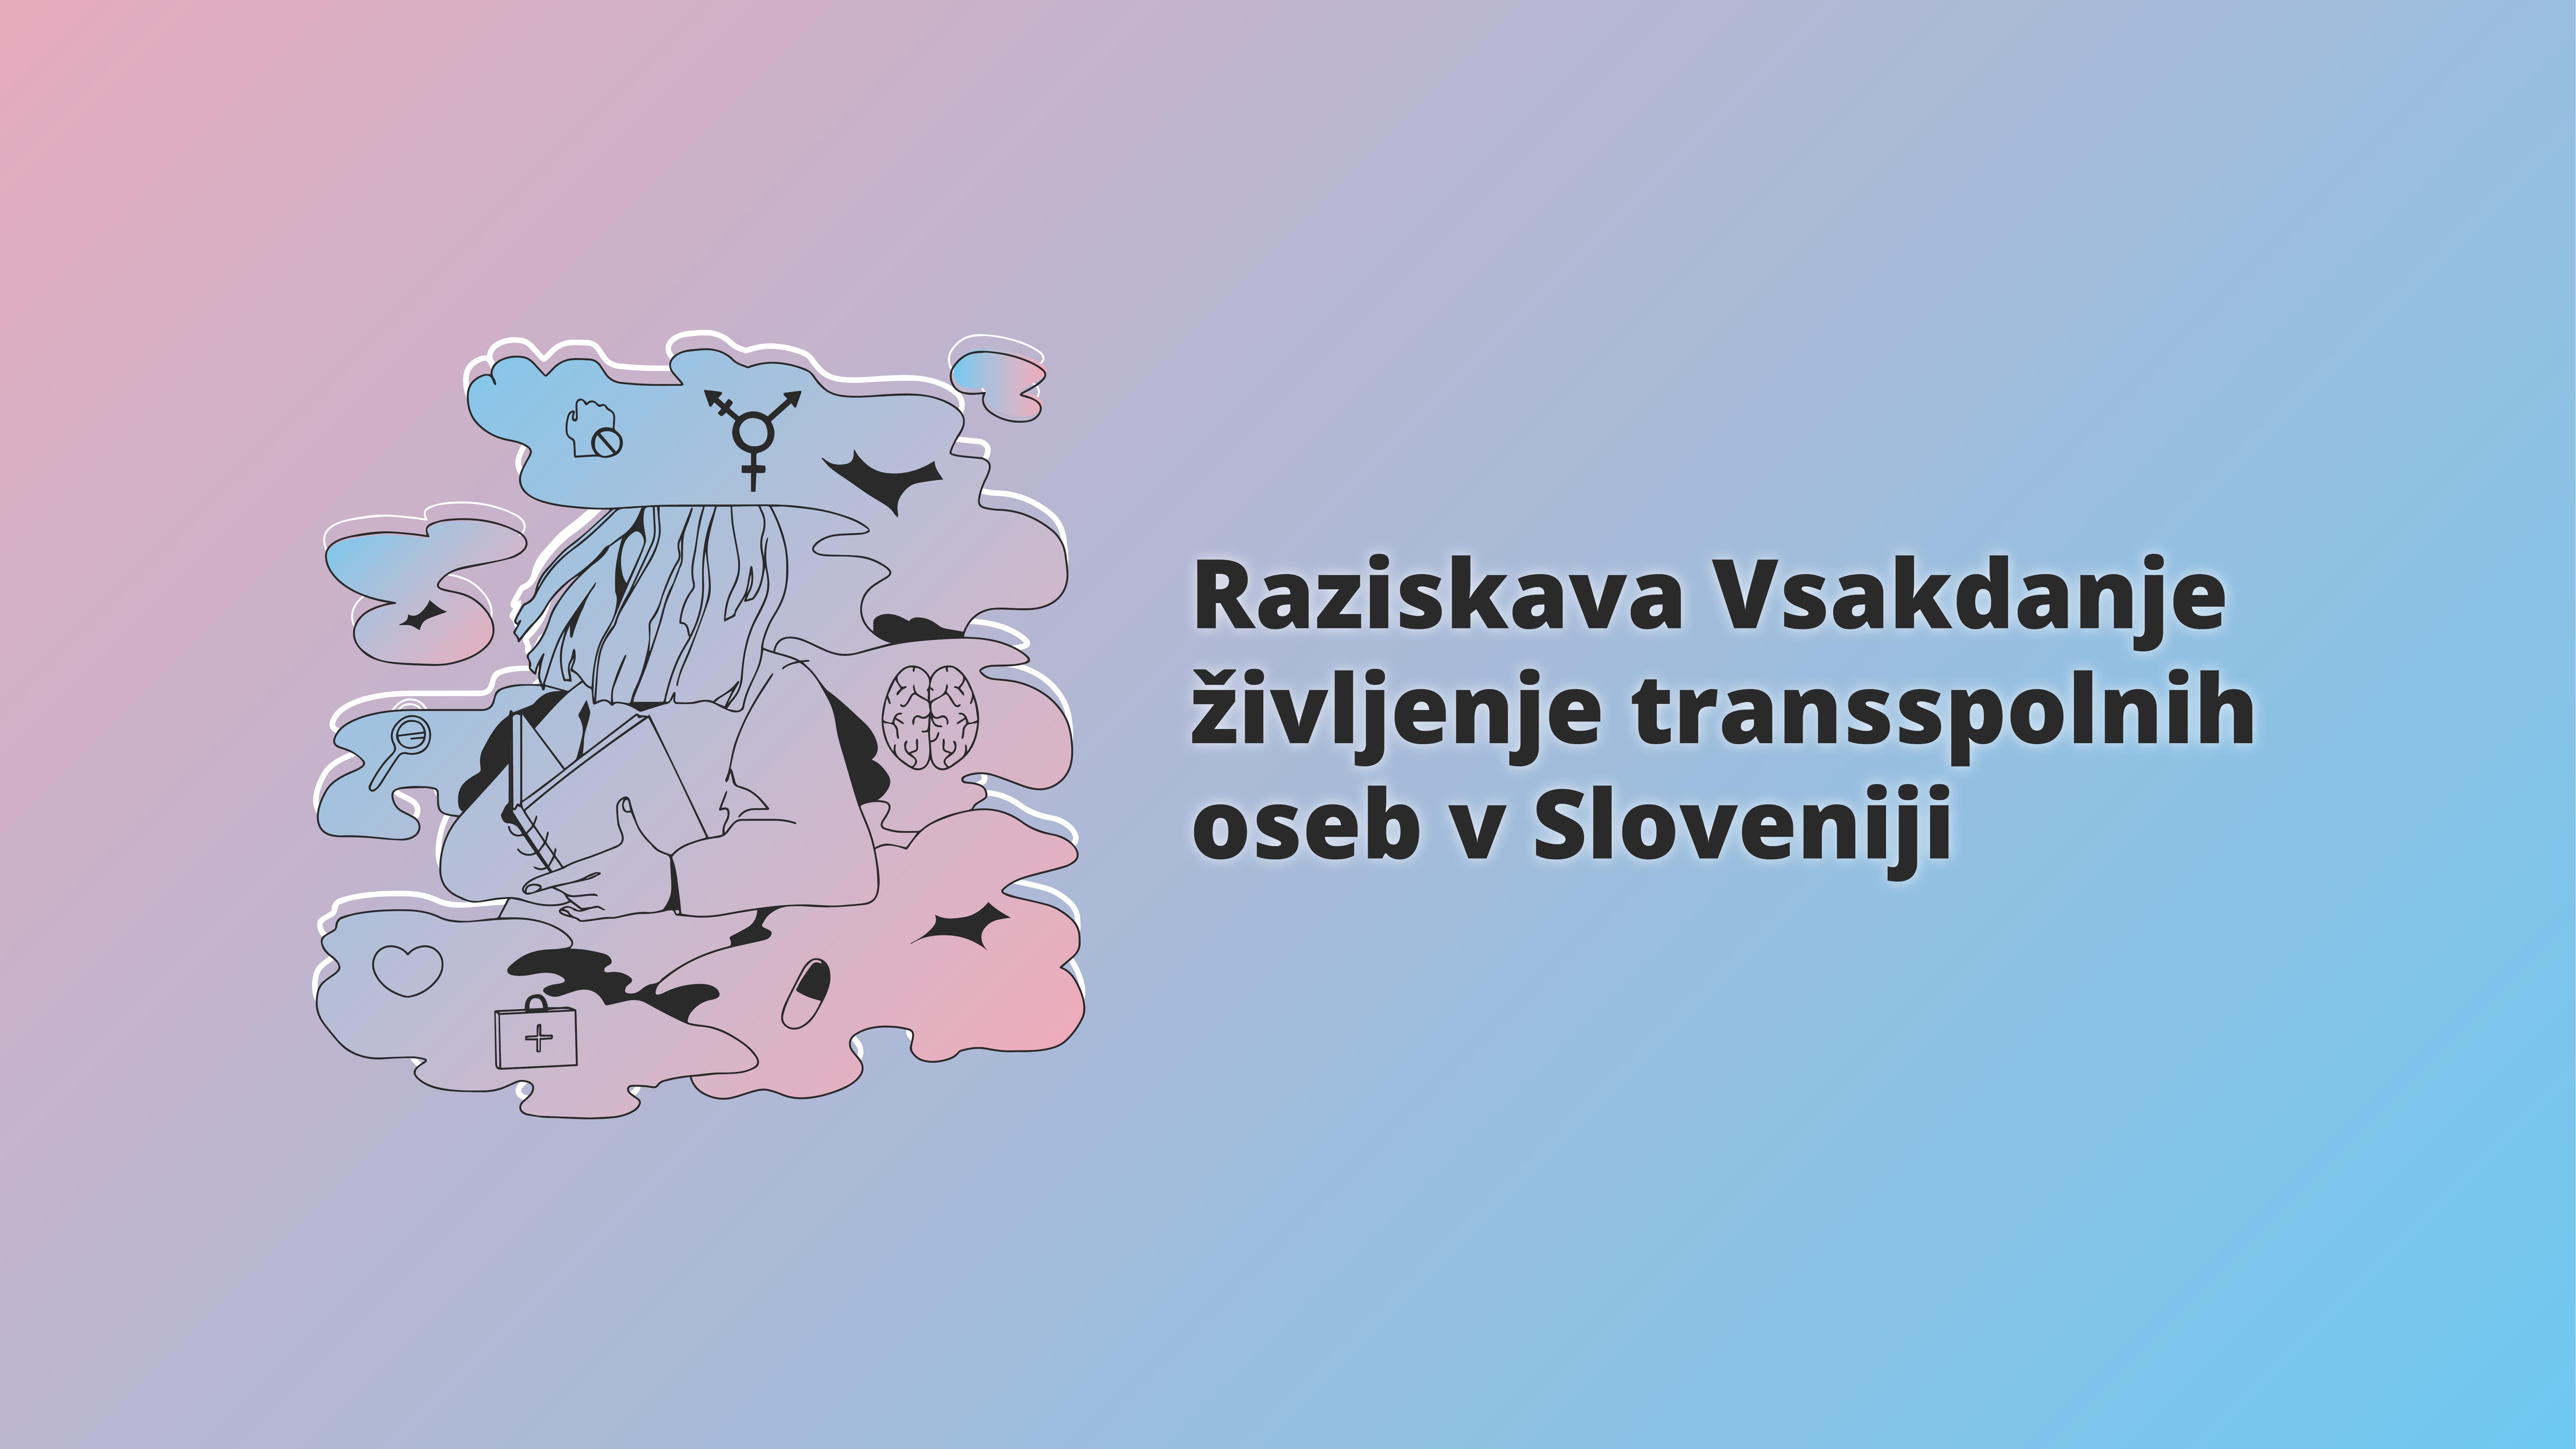 https://transakcija.si/wp-content/uploads/2019/11/Vsakdanje-%C5%BEivljenje-transspolnih-oseb-v-Sloveniji-raziskovalno-poro%C4%8Dilo-2019_compressed.pdf